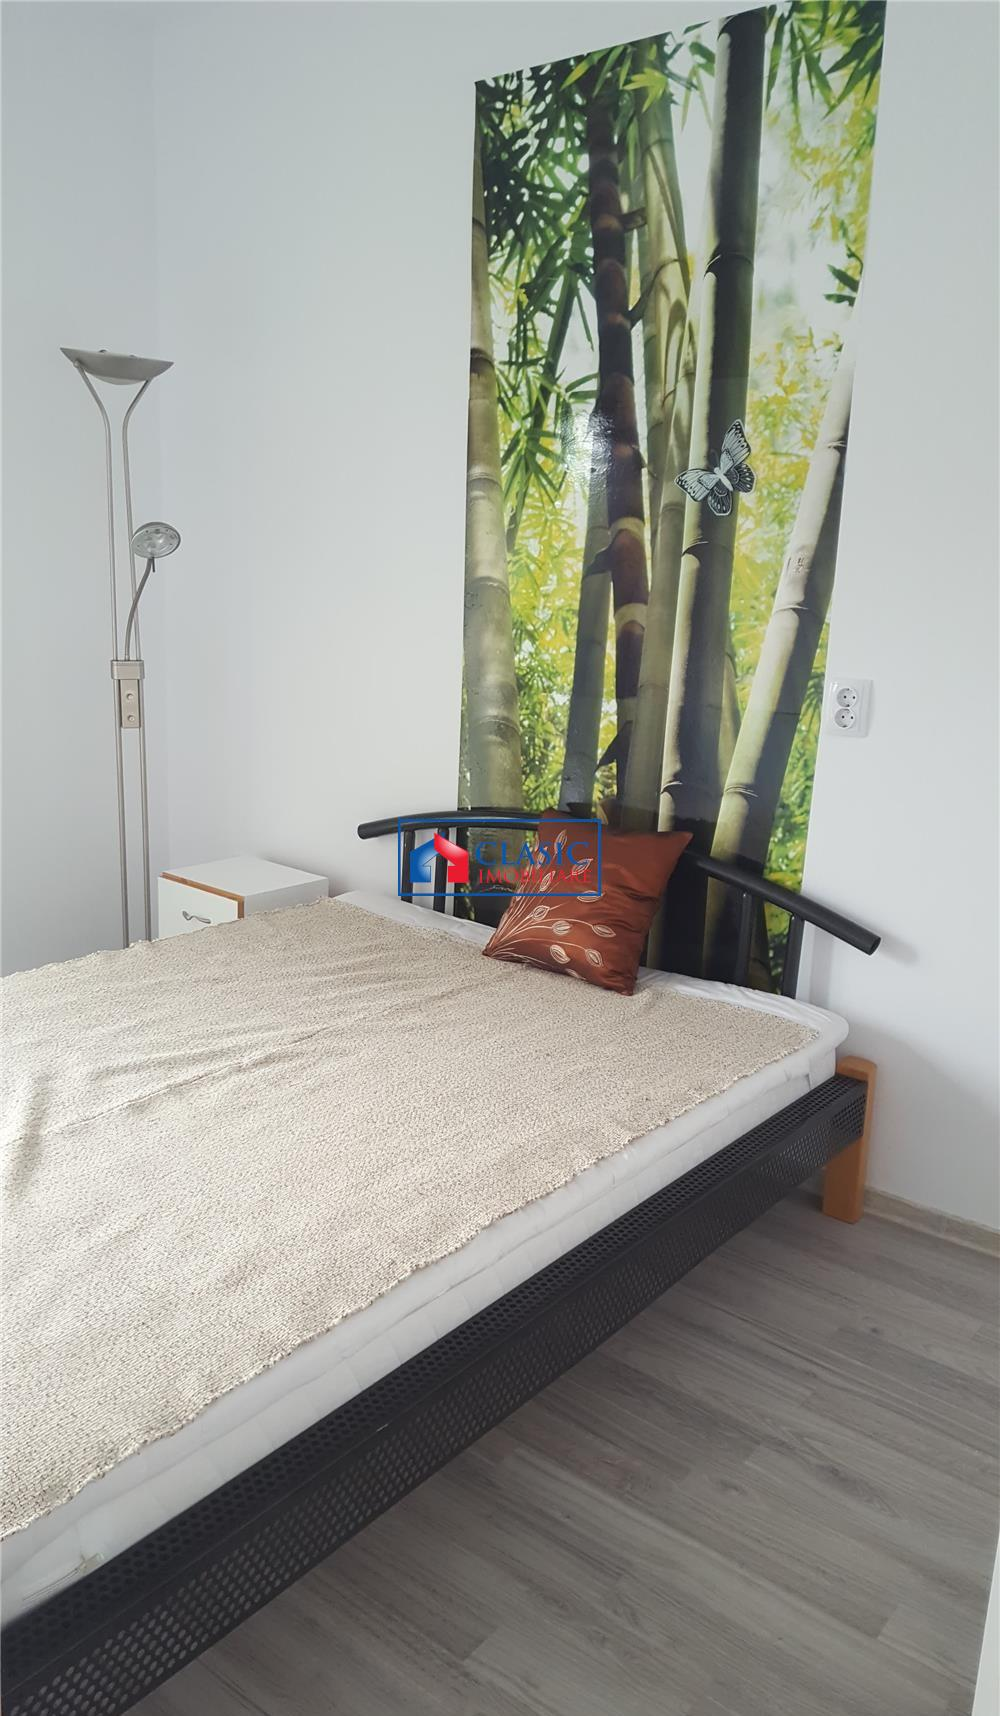 Inchiriere Apartament 3 camere modern zona Gheorgheni capat Brancusi